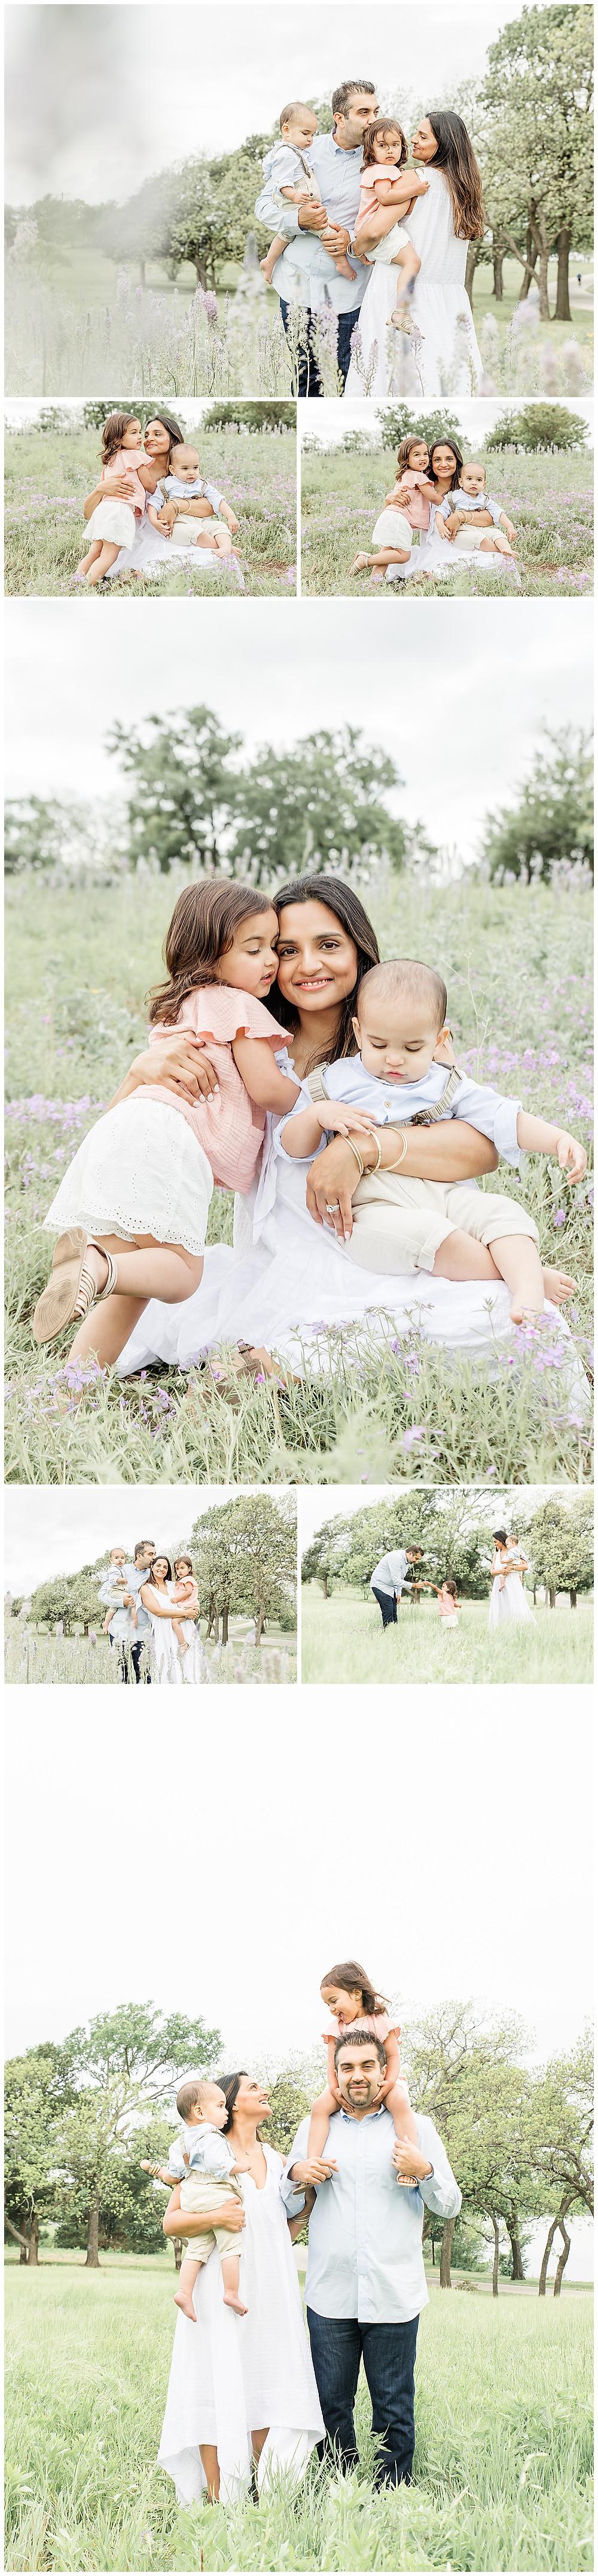 family portraits near Katy, TX